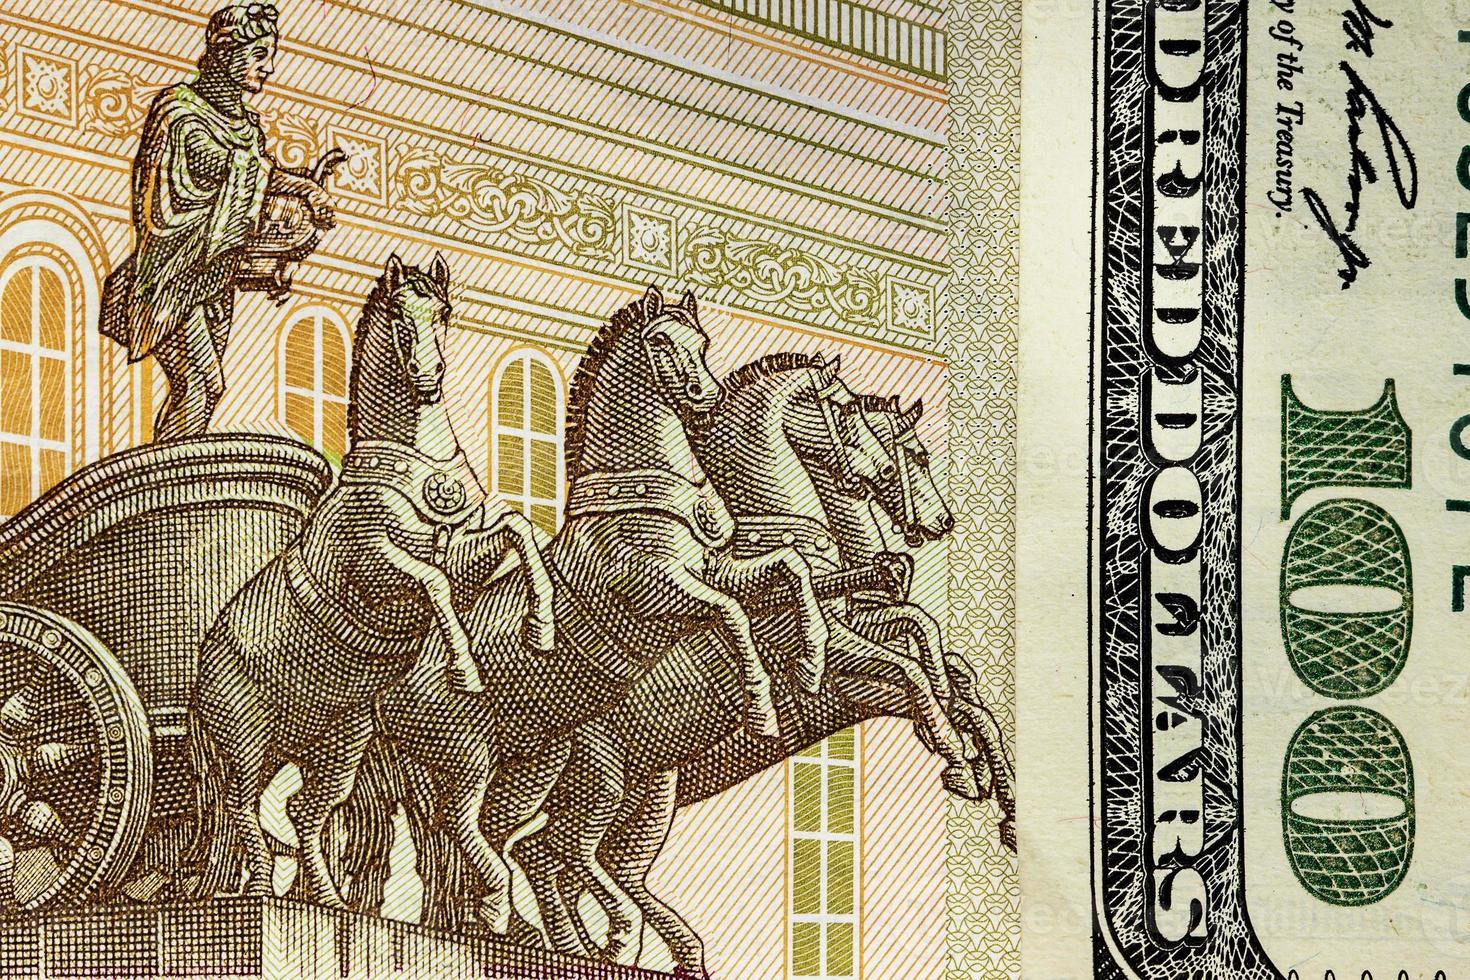 dinheiro americano e russo, fragmento foto